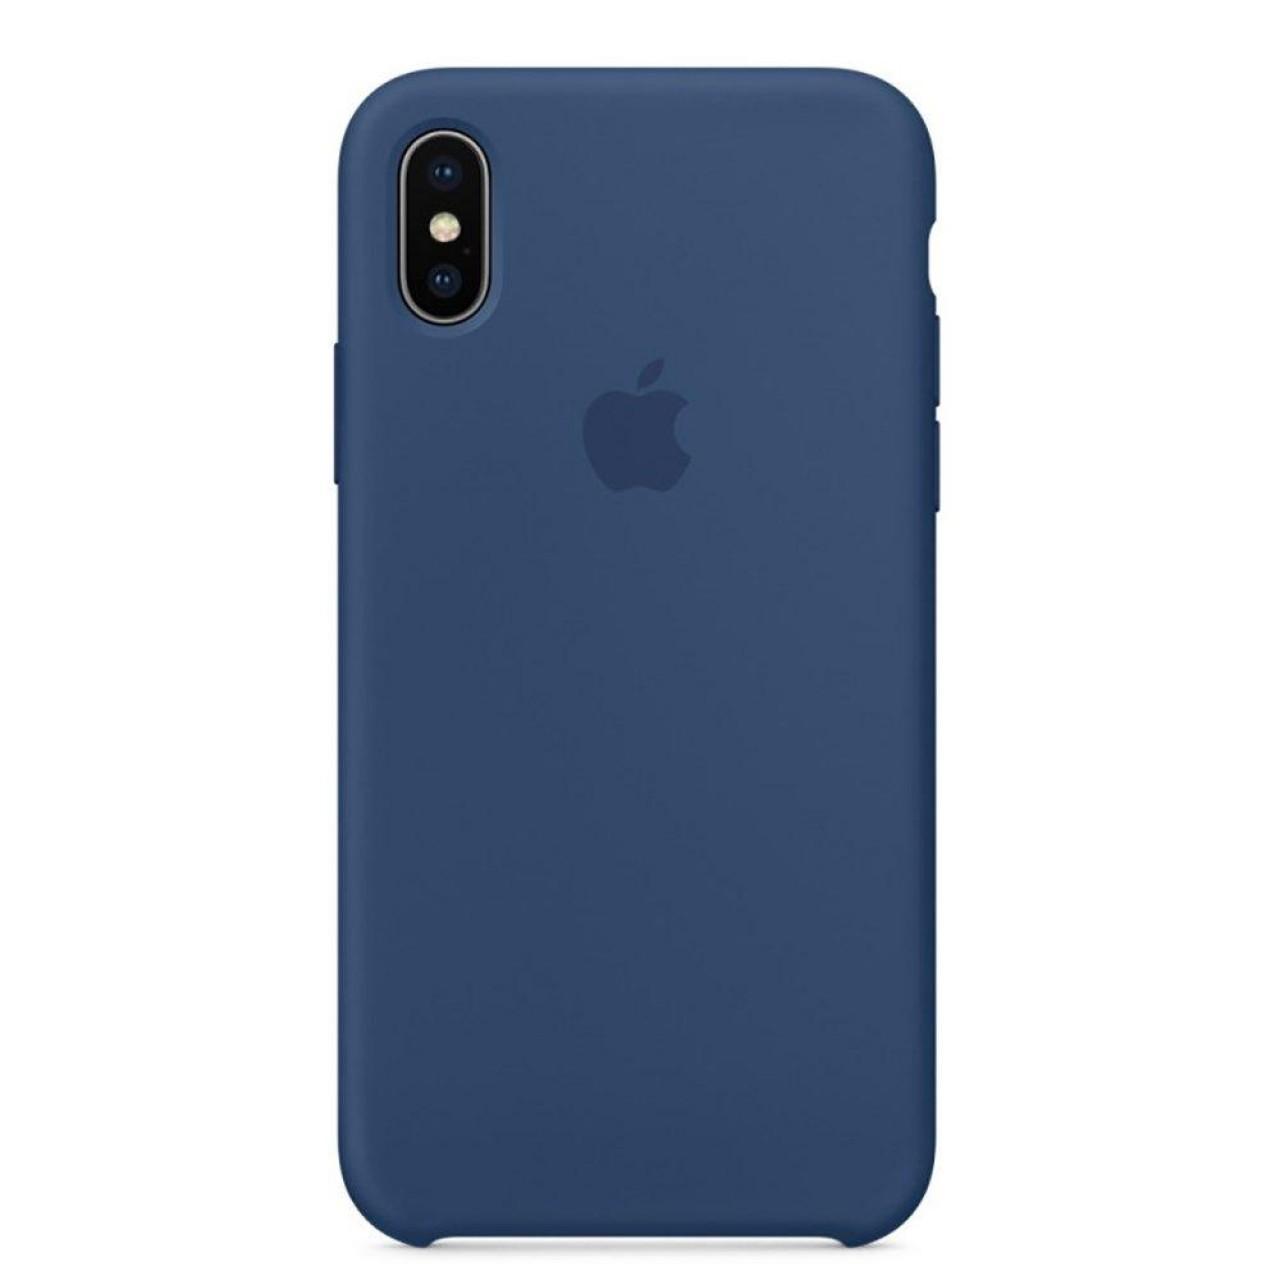 ΘΗΚΗ ΠΡΟΣΤΑΣΙΑΣ ΣΙΛΙΚΟΝΗΣ ΓΙΑ iPhone X / XS ΜΠΛΕ - BACK COVER SILICON CASE NAVY BLUE - OEM